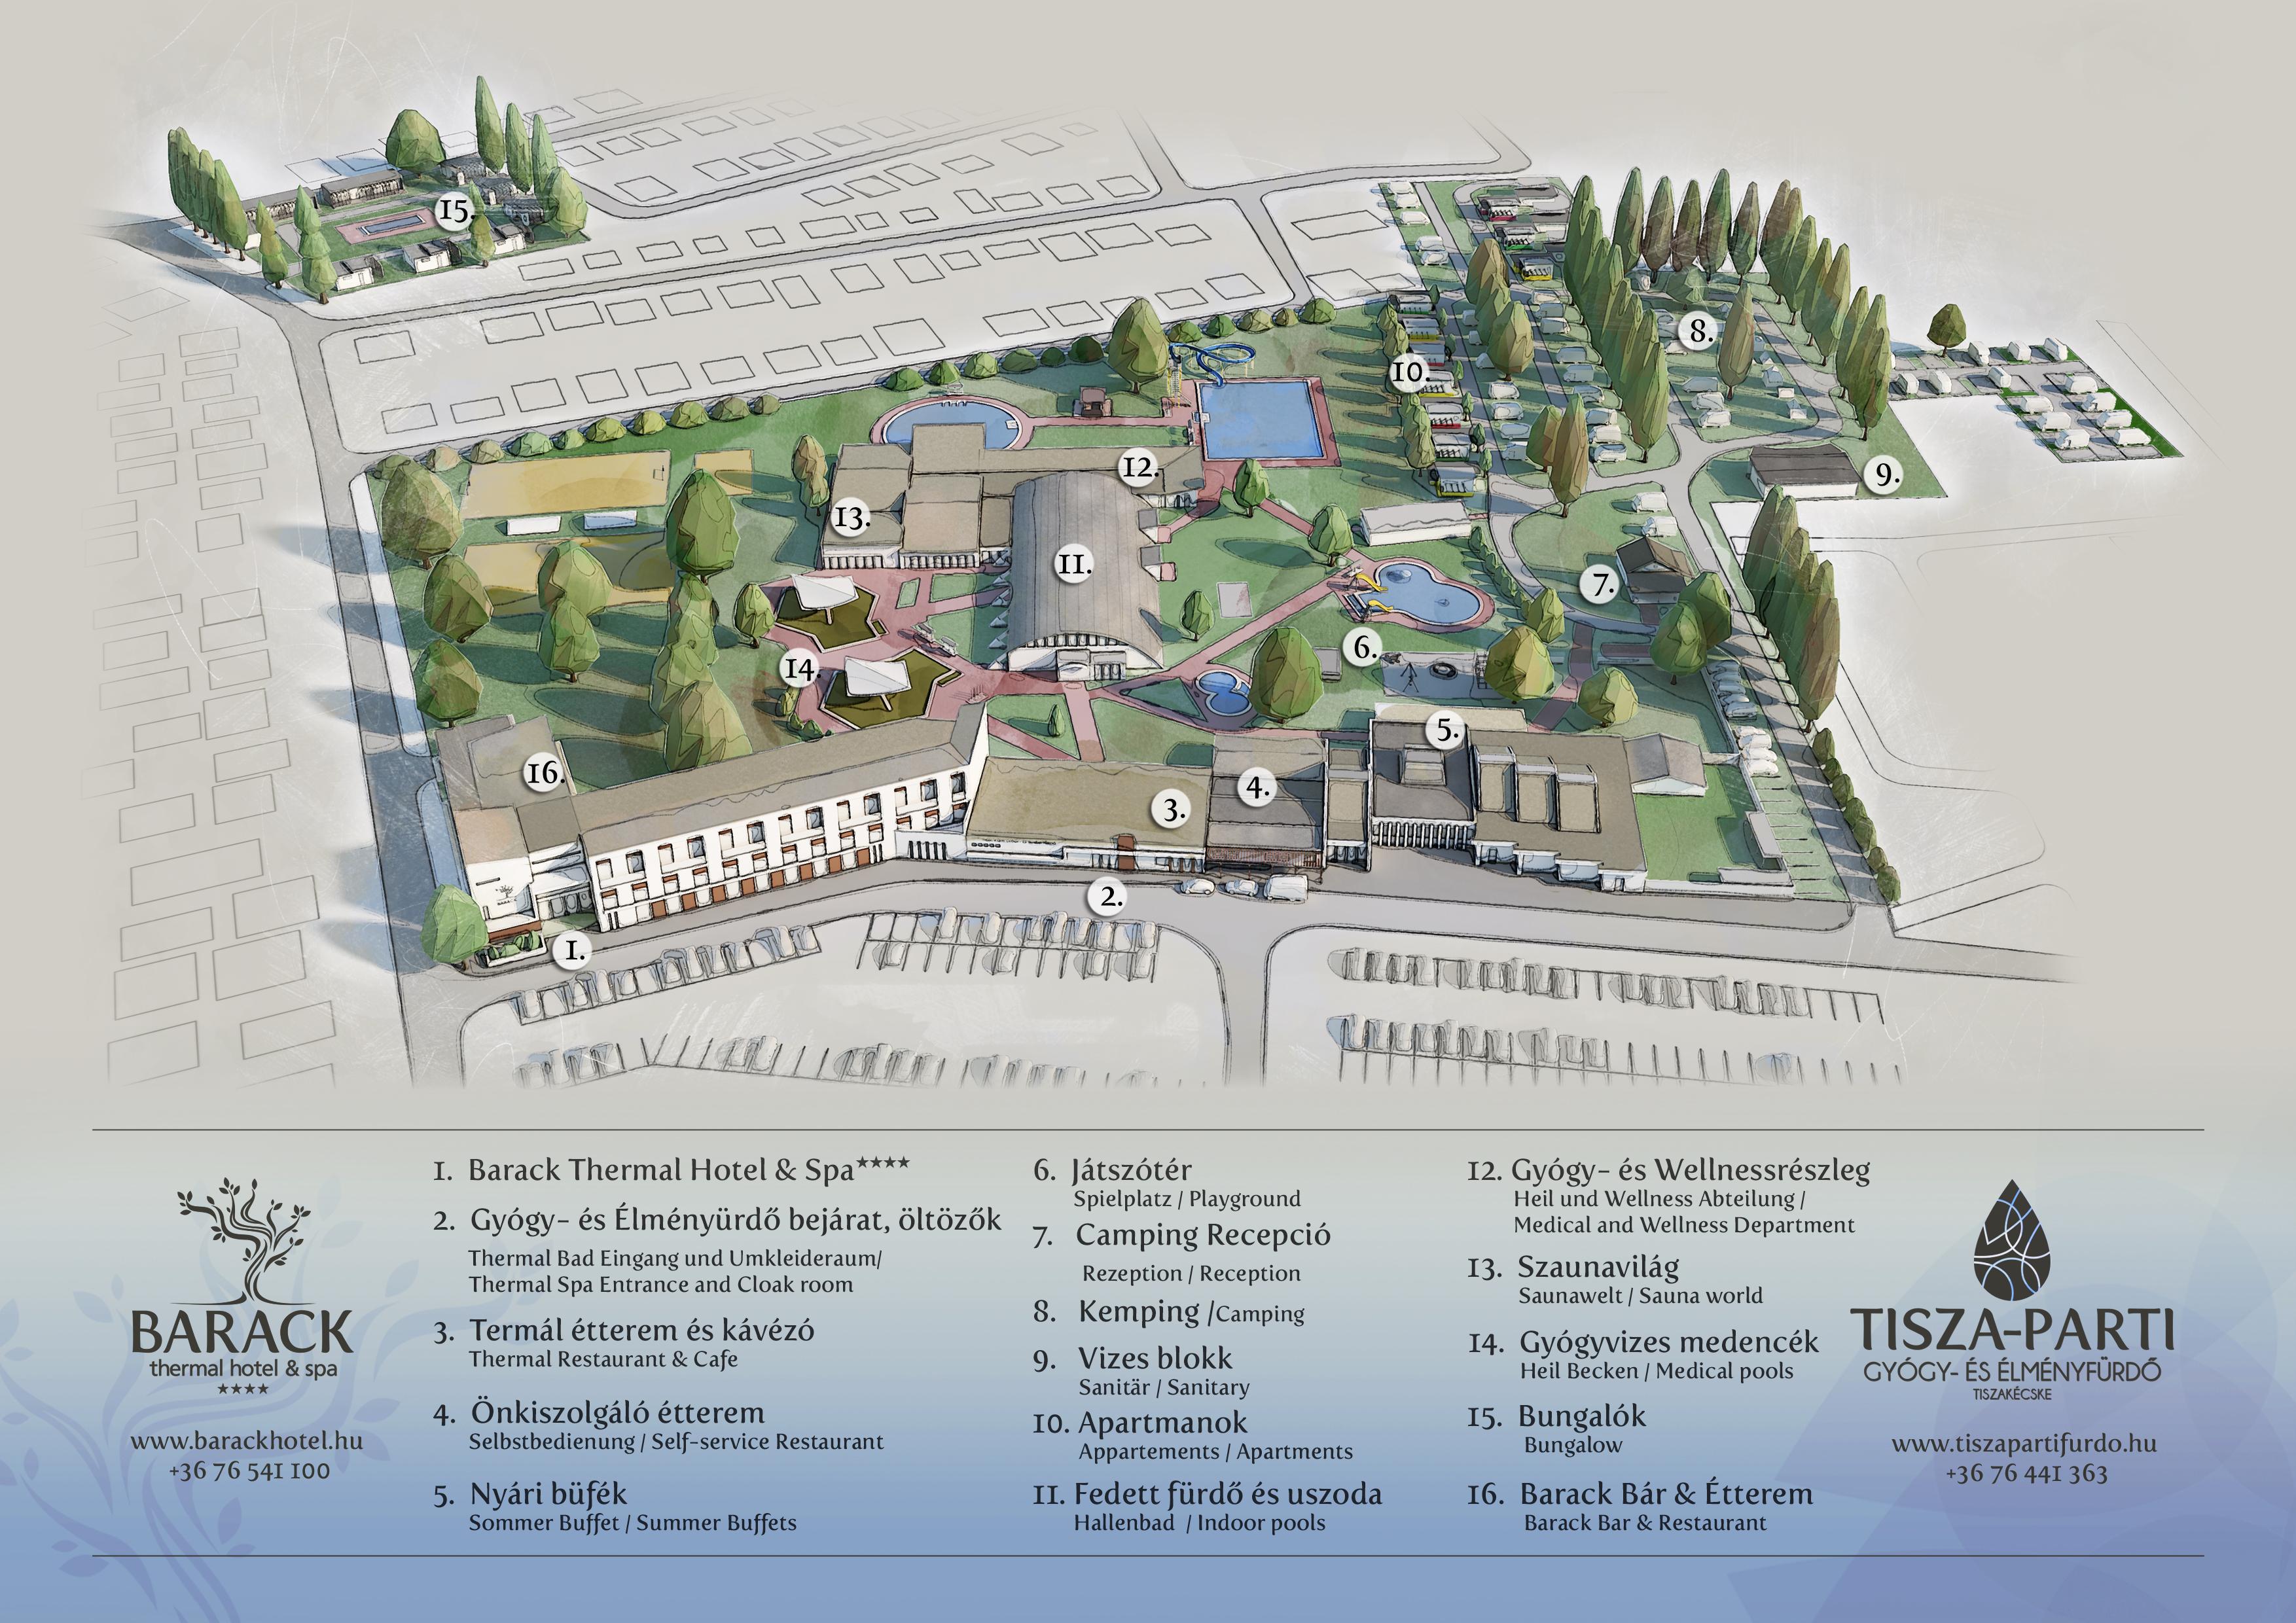 magyarország térkép tiszakécske Thermal Camping   Tisza parti Gyógy  és Élményfürdő Kemping magyarország térkép tiszakécske